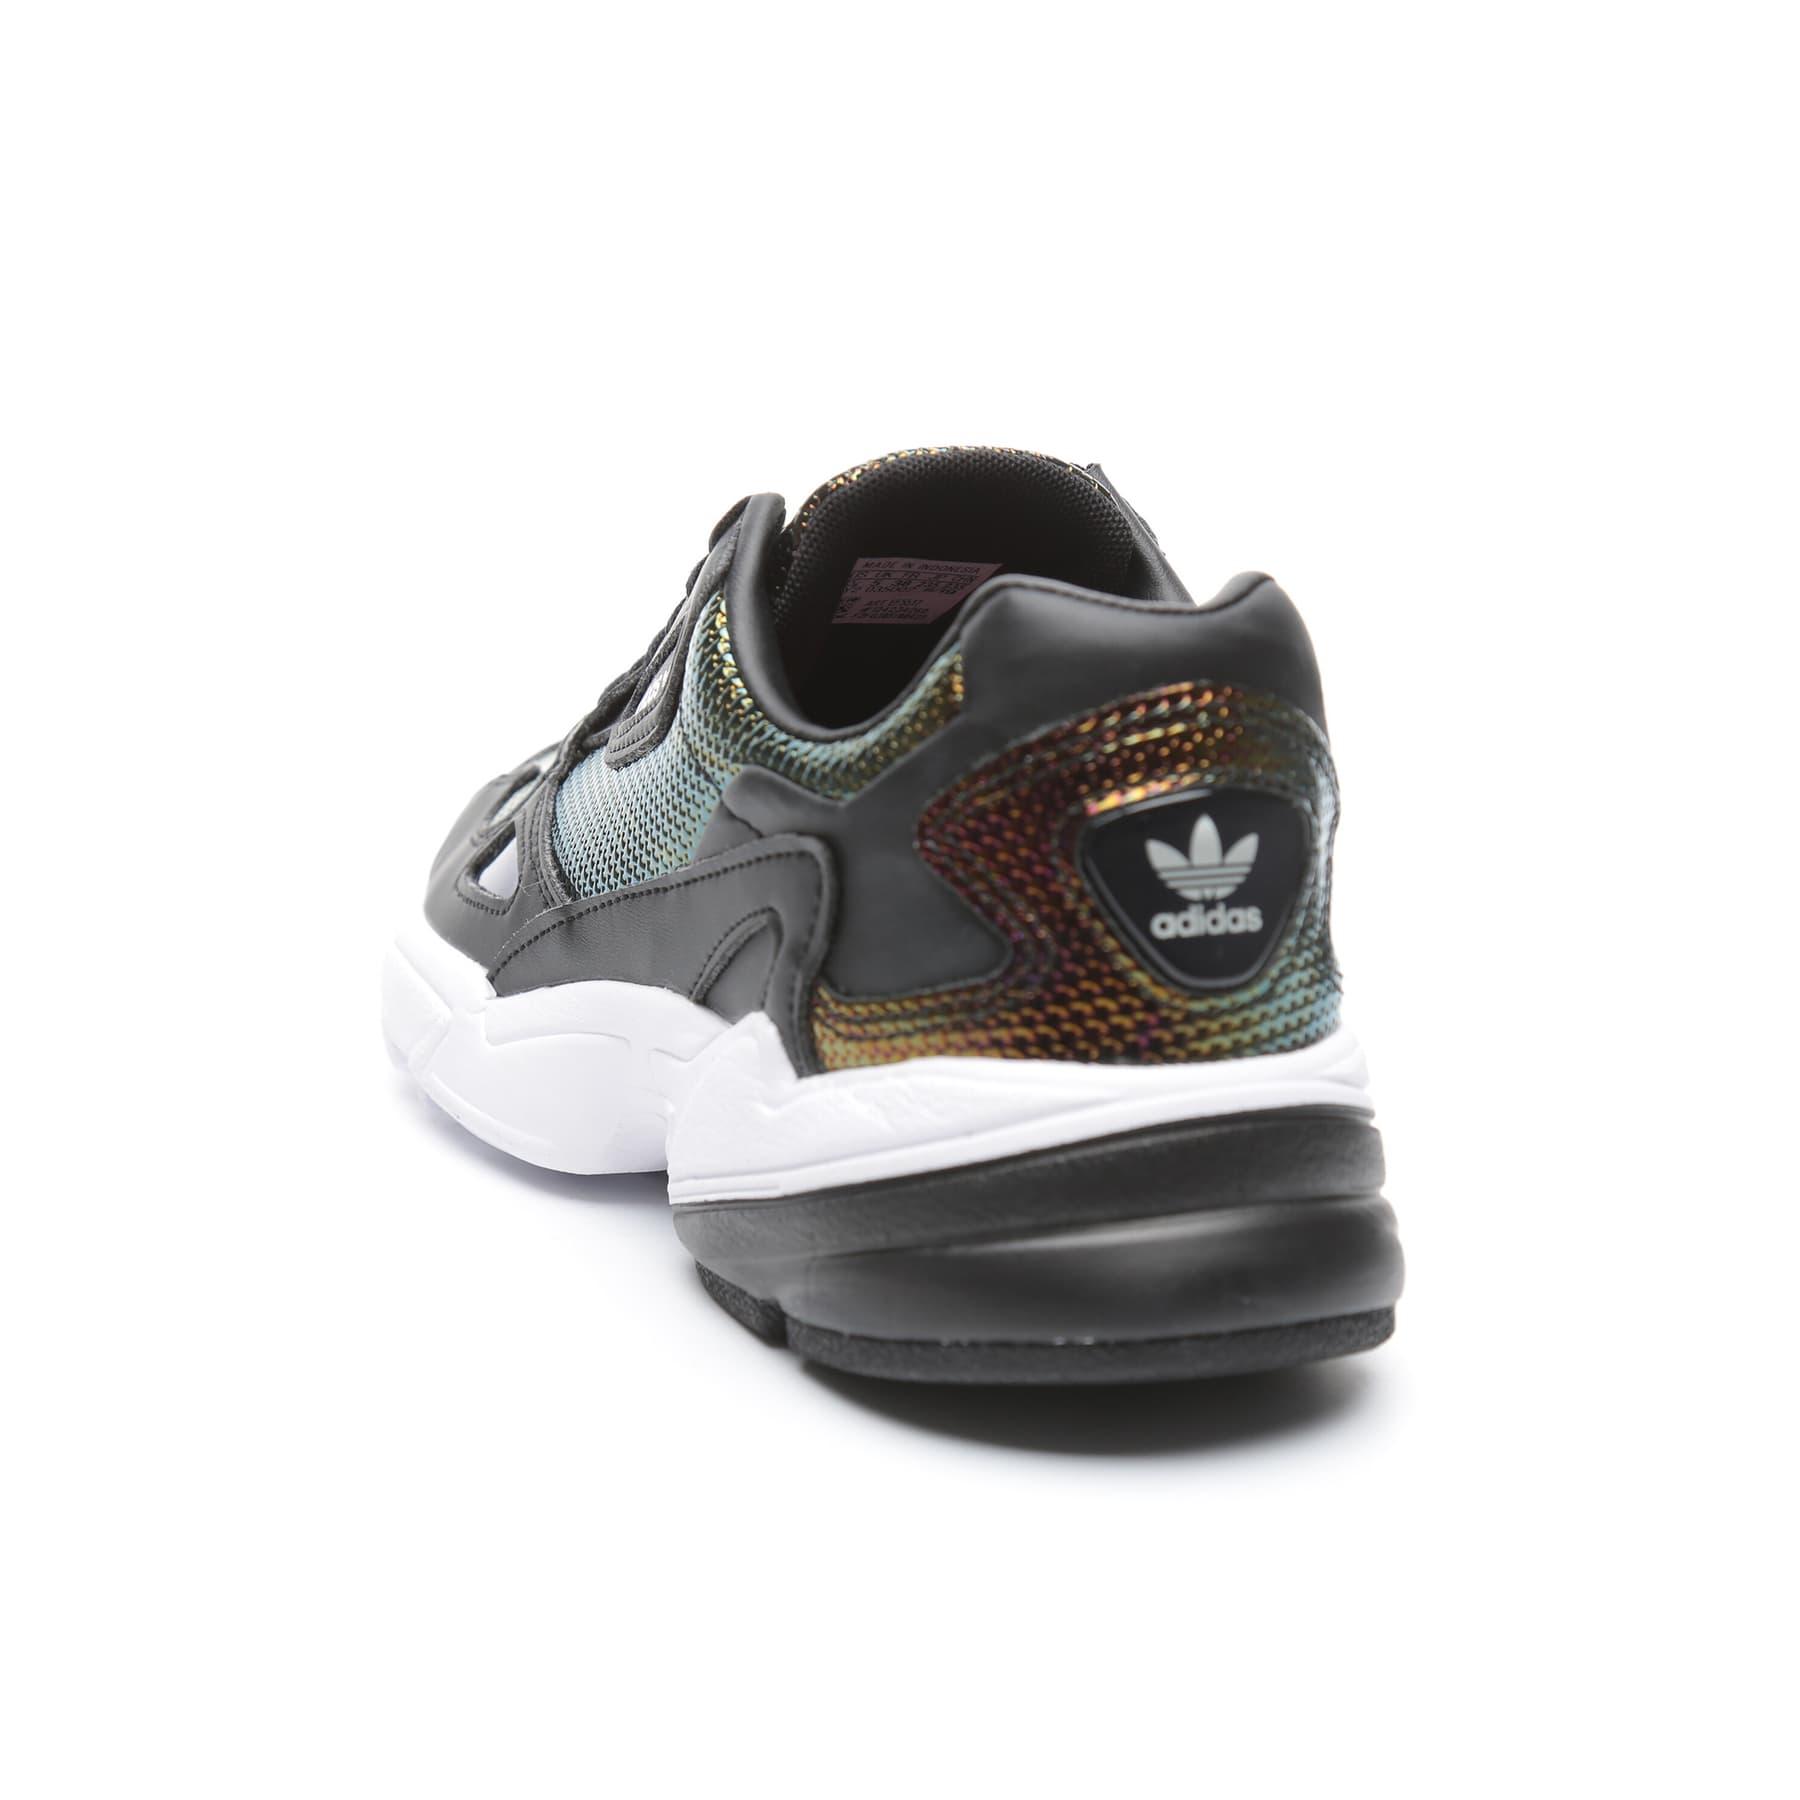 adidas Falcon Kadın Siyah Günlük Spor Ayakkabı